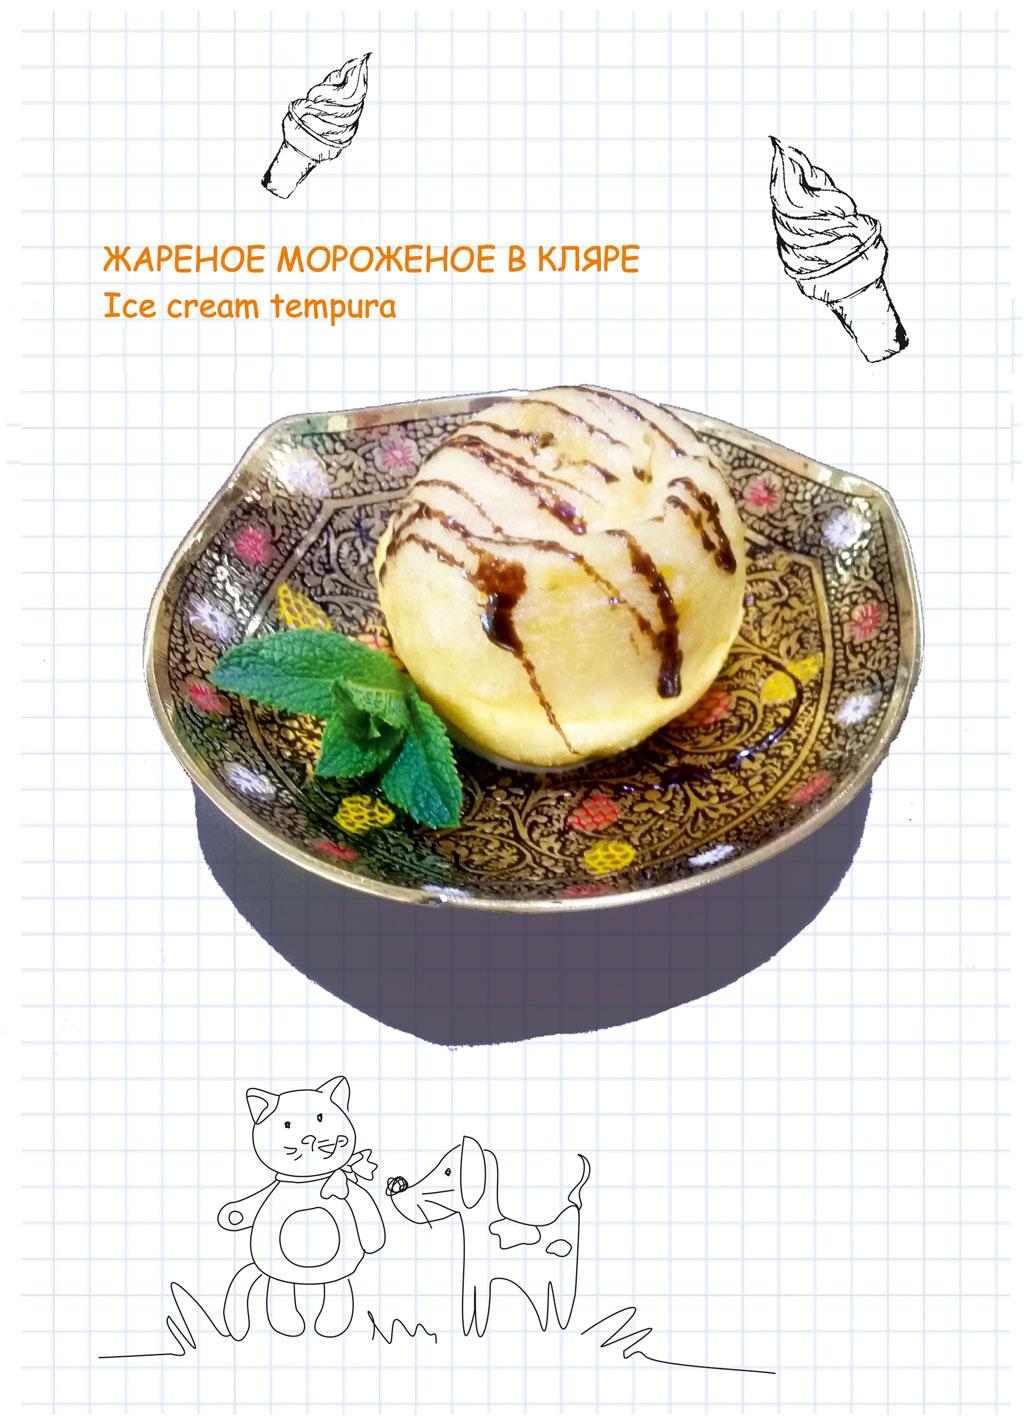 Жареное мороженое в кляре (Ice cream tempura) в ресторане Аннам Брахма в Оренбурге